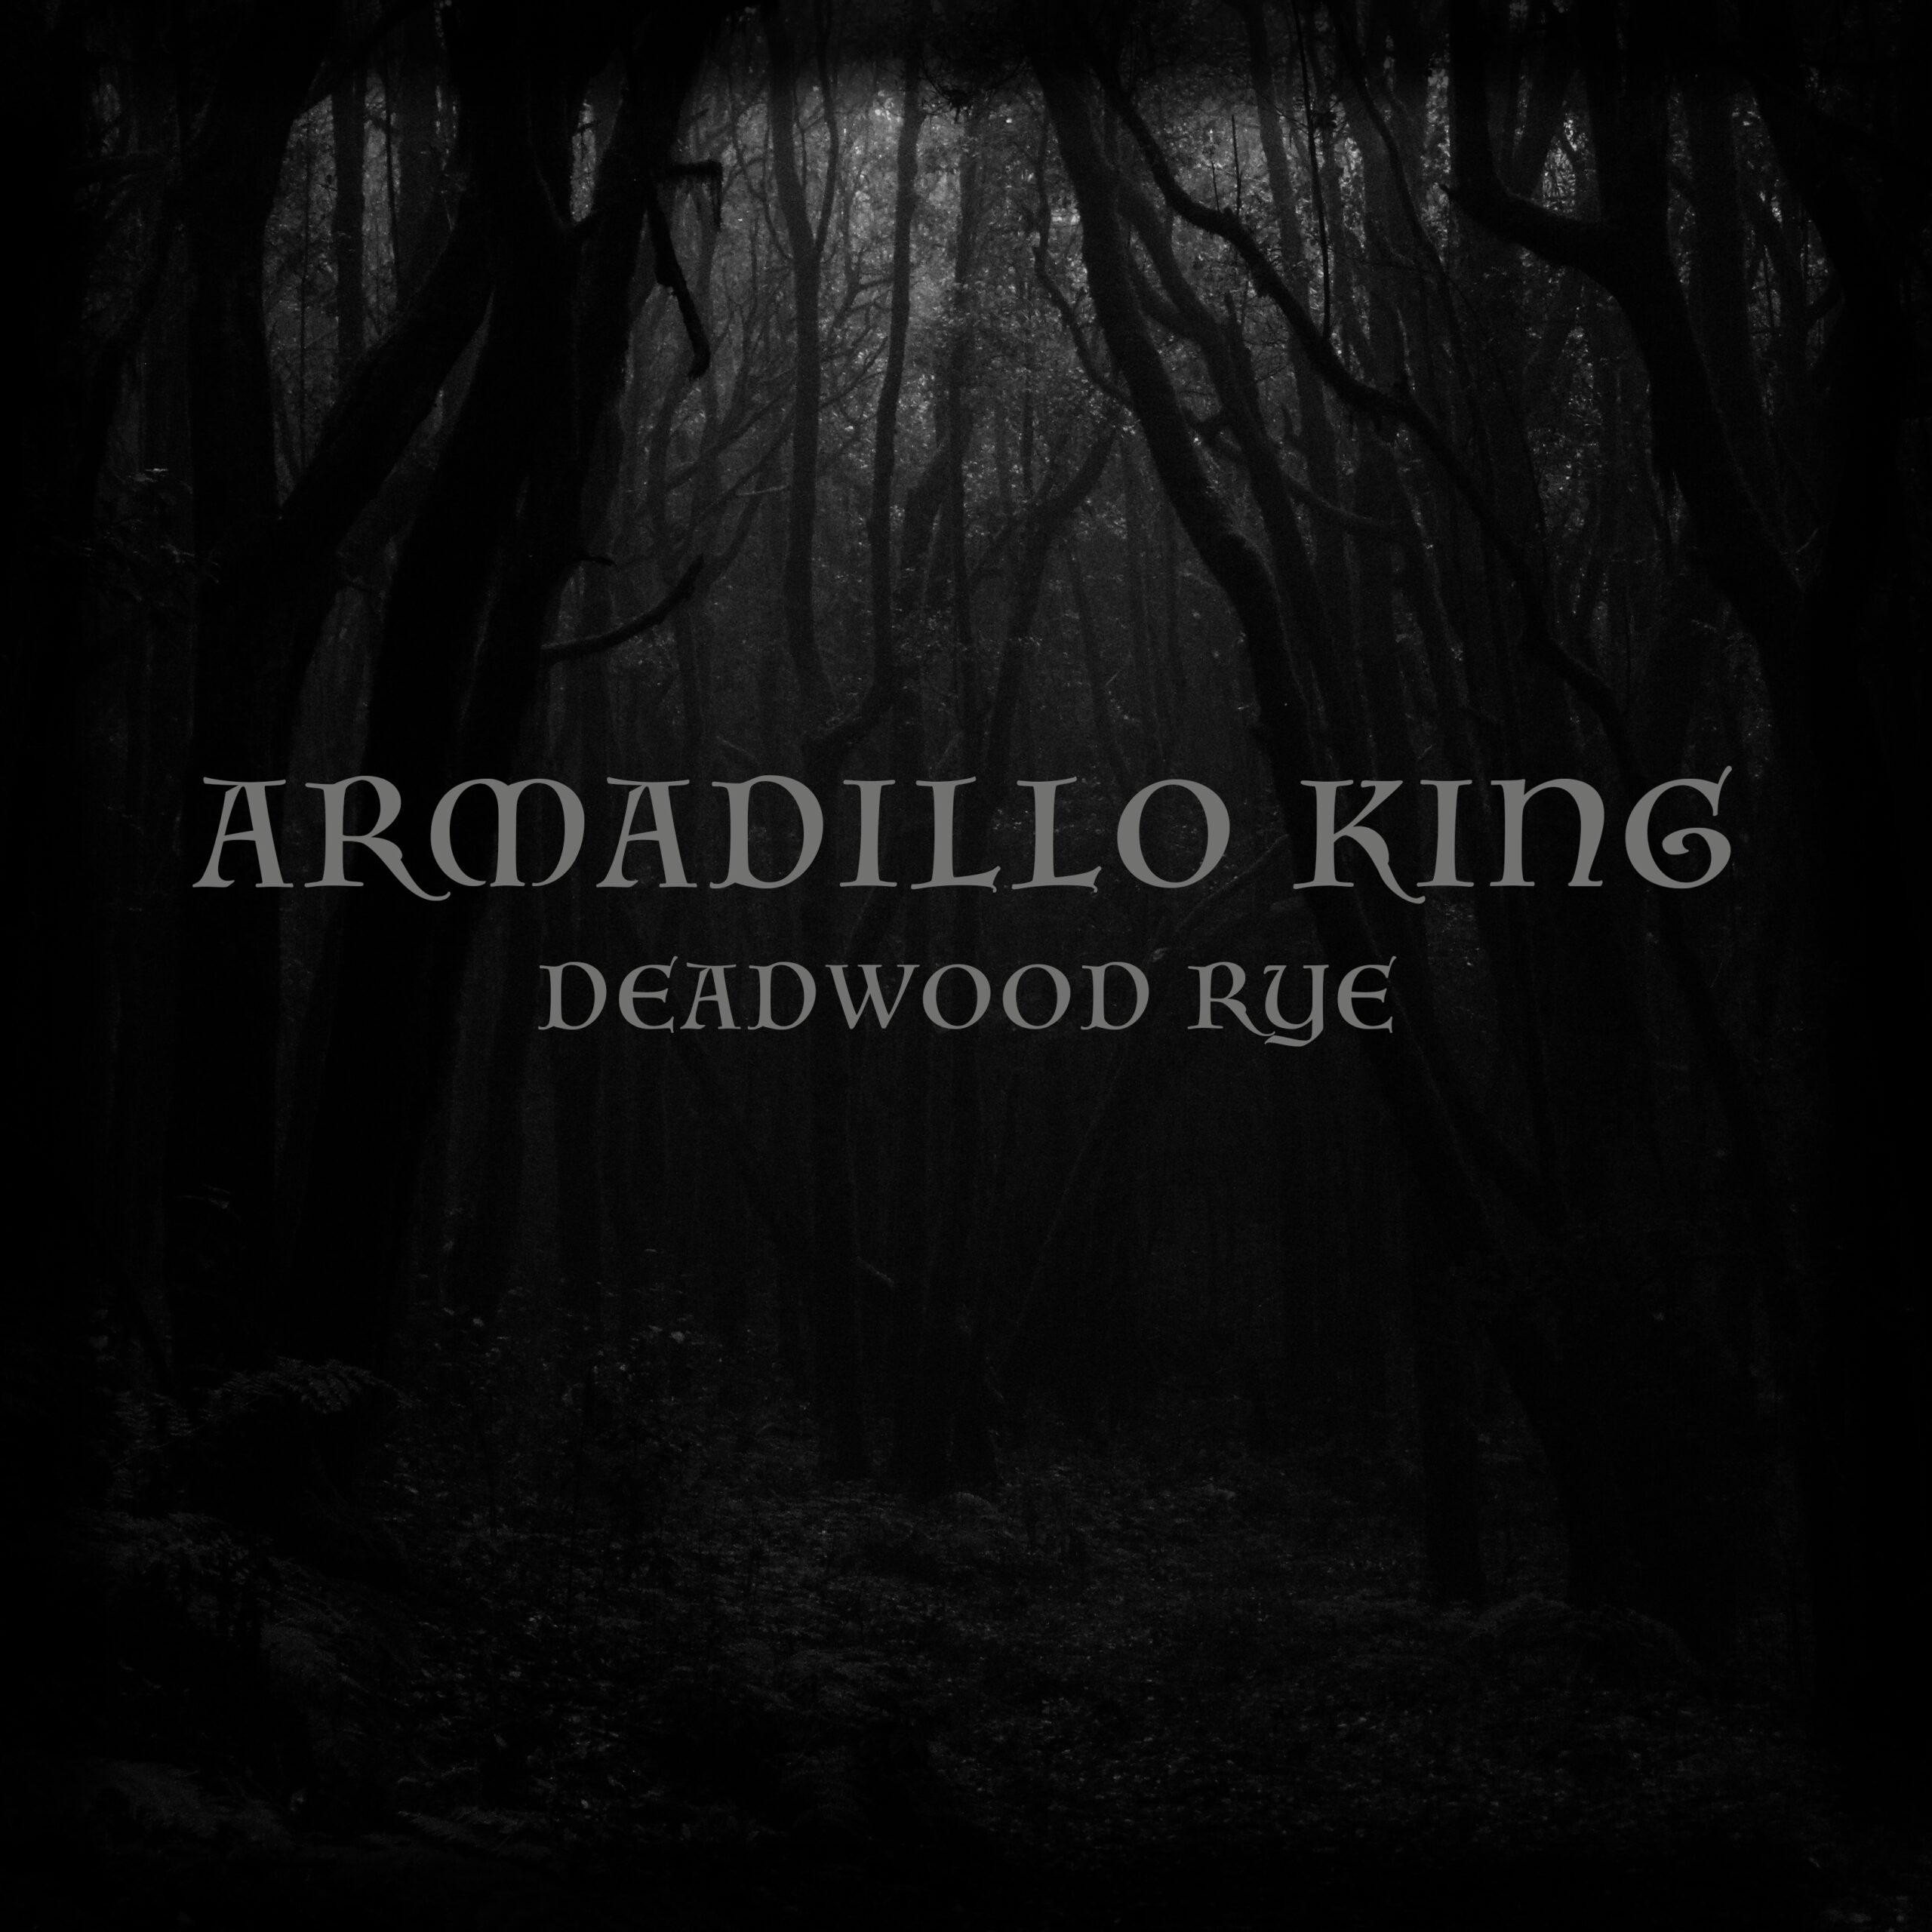 Deadwood rye - single cover